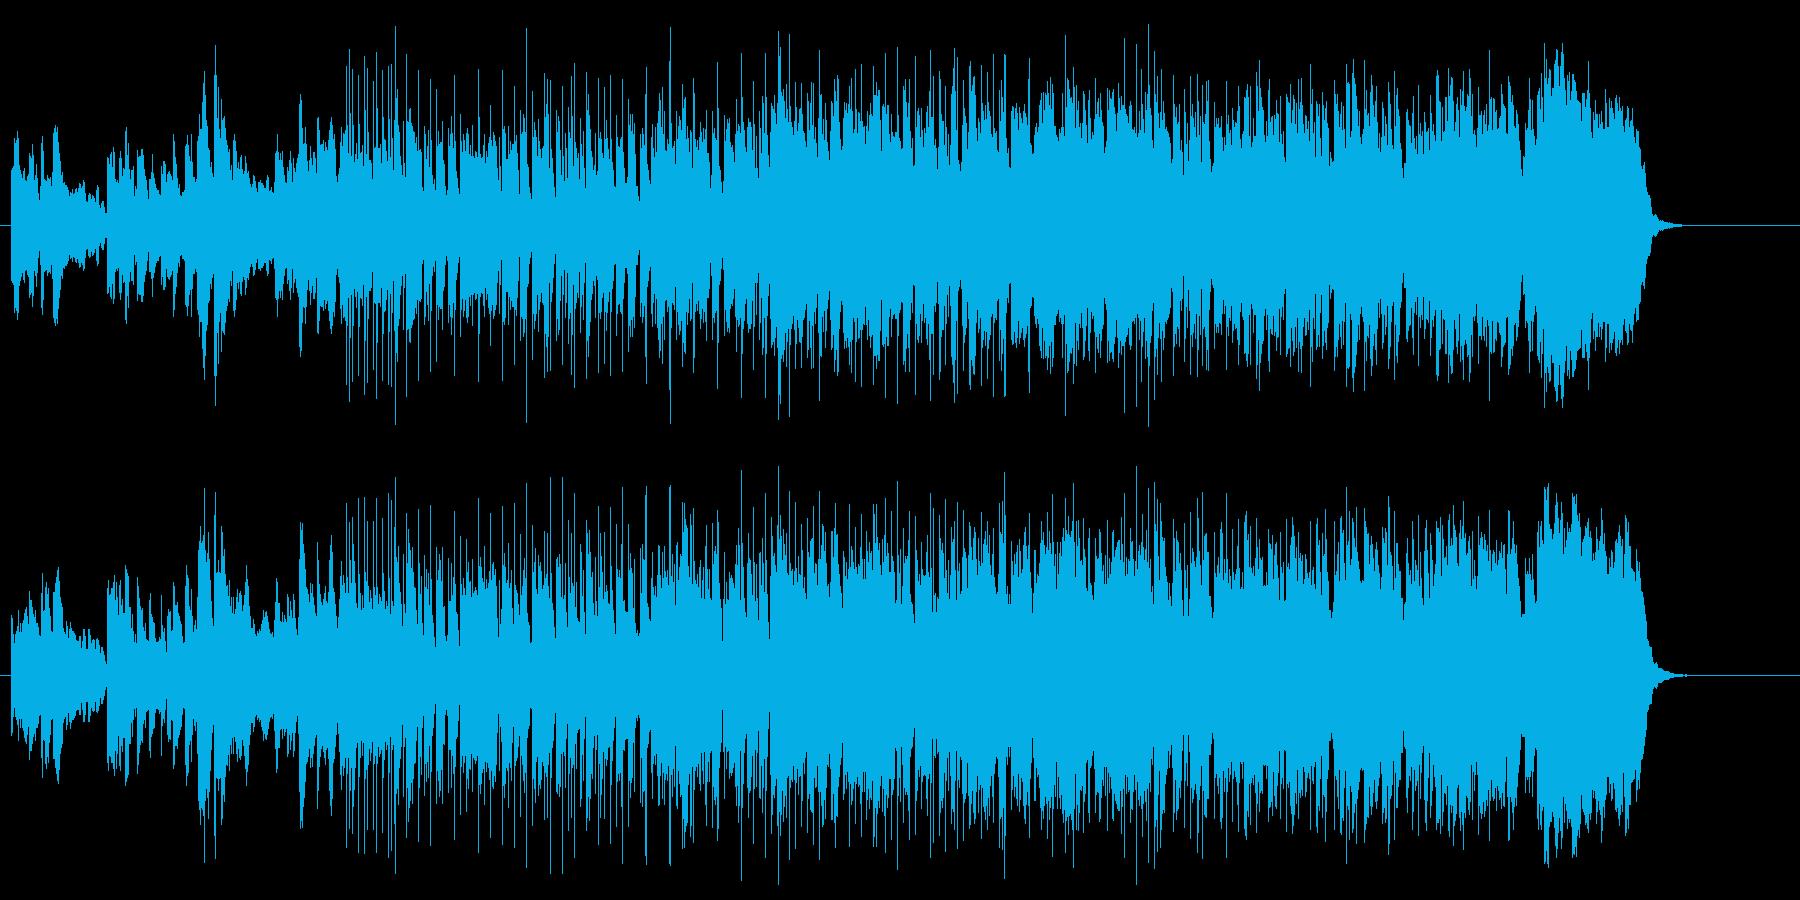 ドラマチックでシュールなエレクトロポップの再生済みの波形